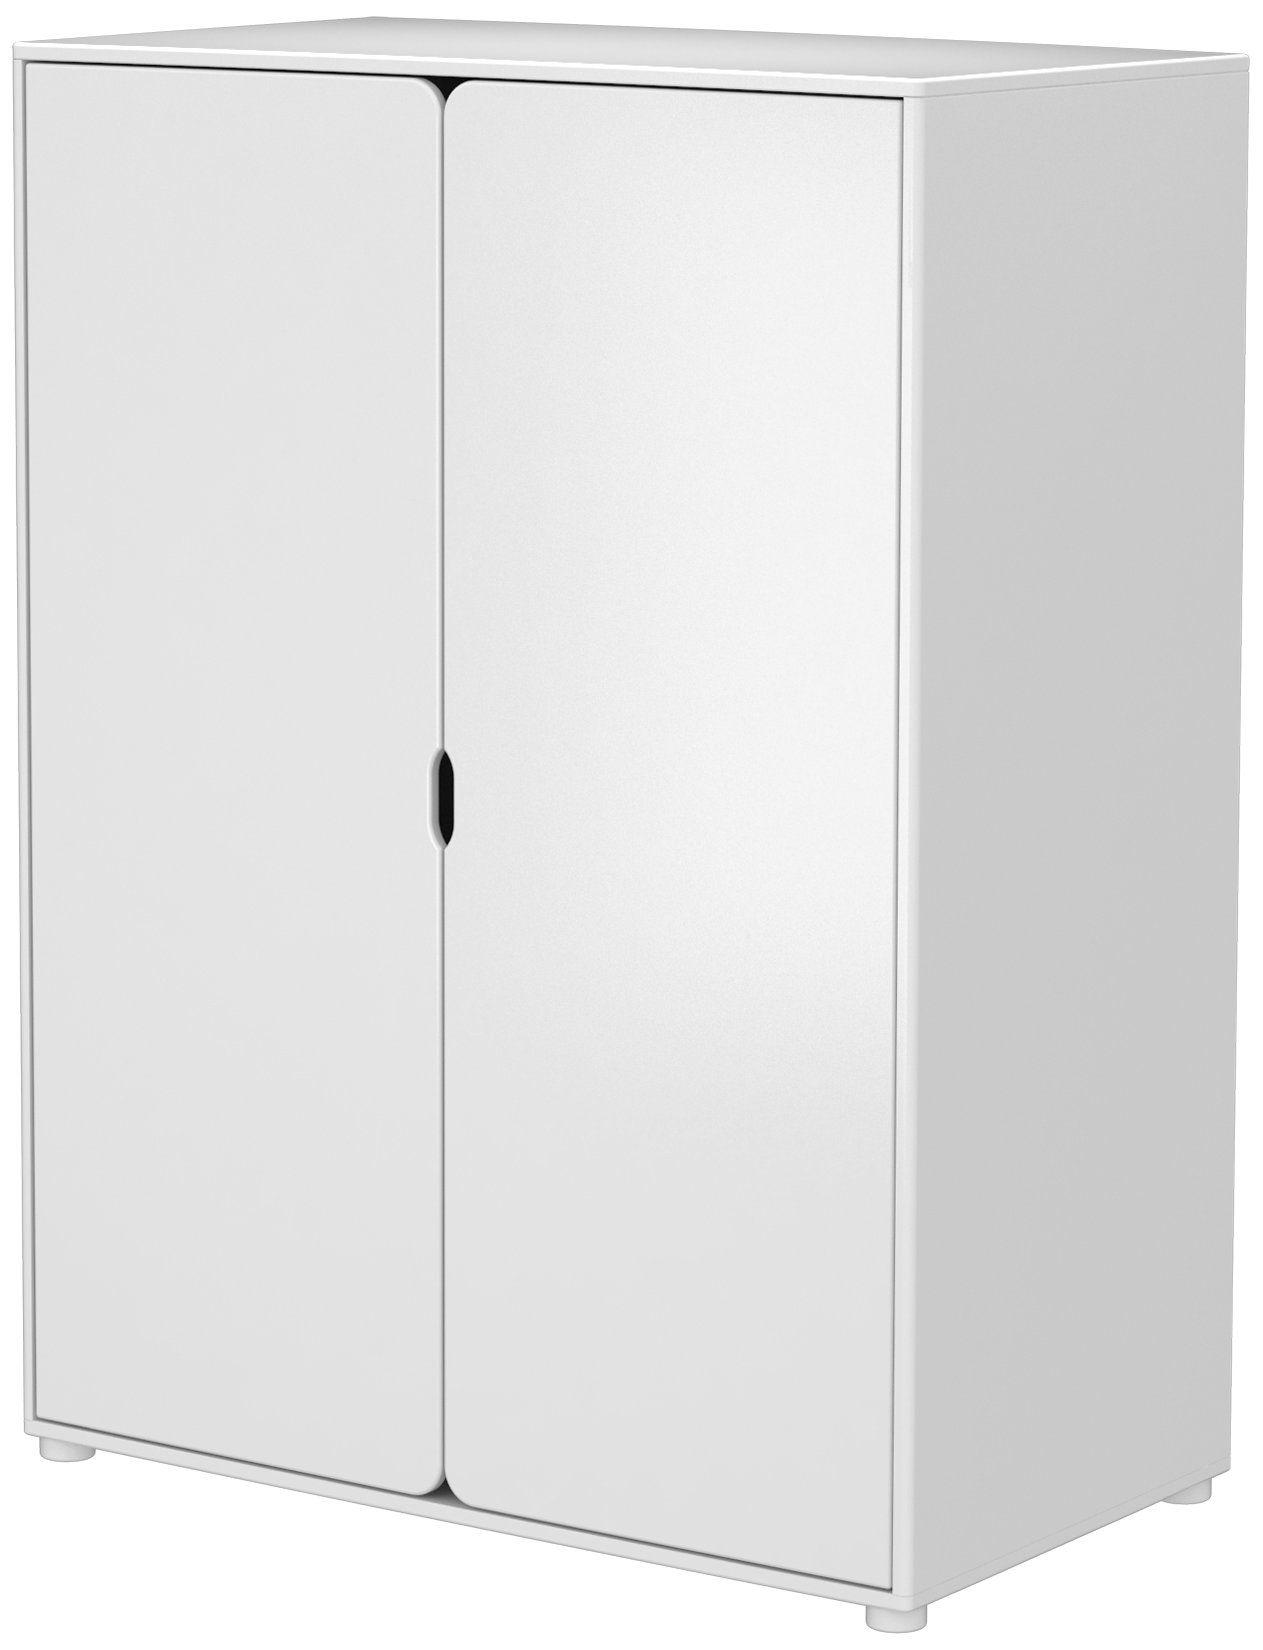 Schrank Flexa Cabby 2 Turig 4 Tablare 1 Kleiderstange Mdf Weiss Lackiert Tall Cabinet Storage Storage Cabinet Tall Storage